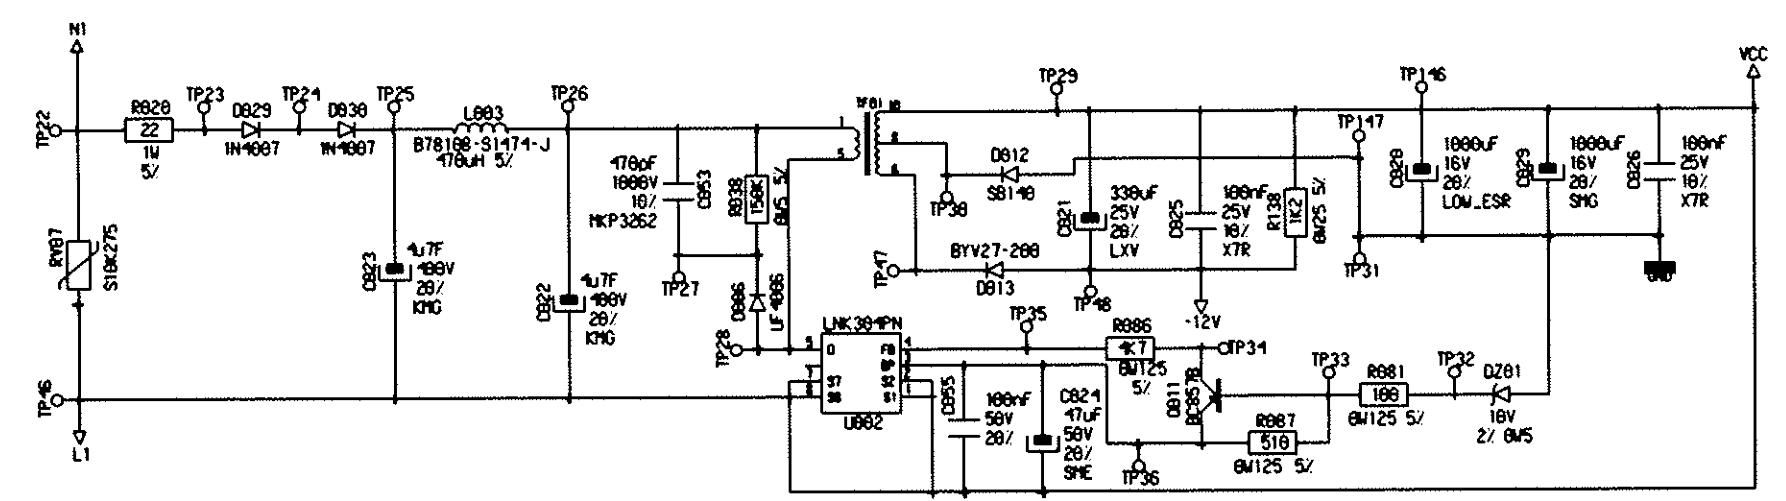 whirlpool wiring diagram two way switch waschmaschine (5j) defekt - wirtschaftlichkeitsbetrachtung? mikrocontroller.net